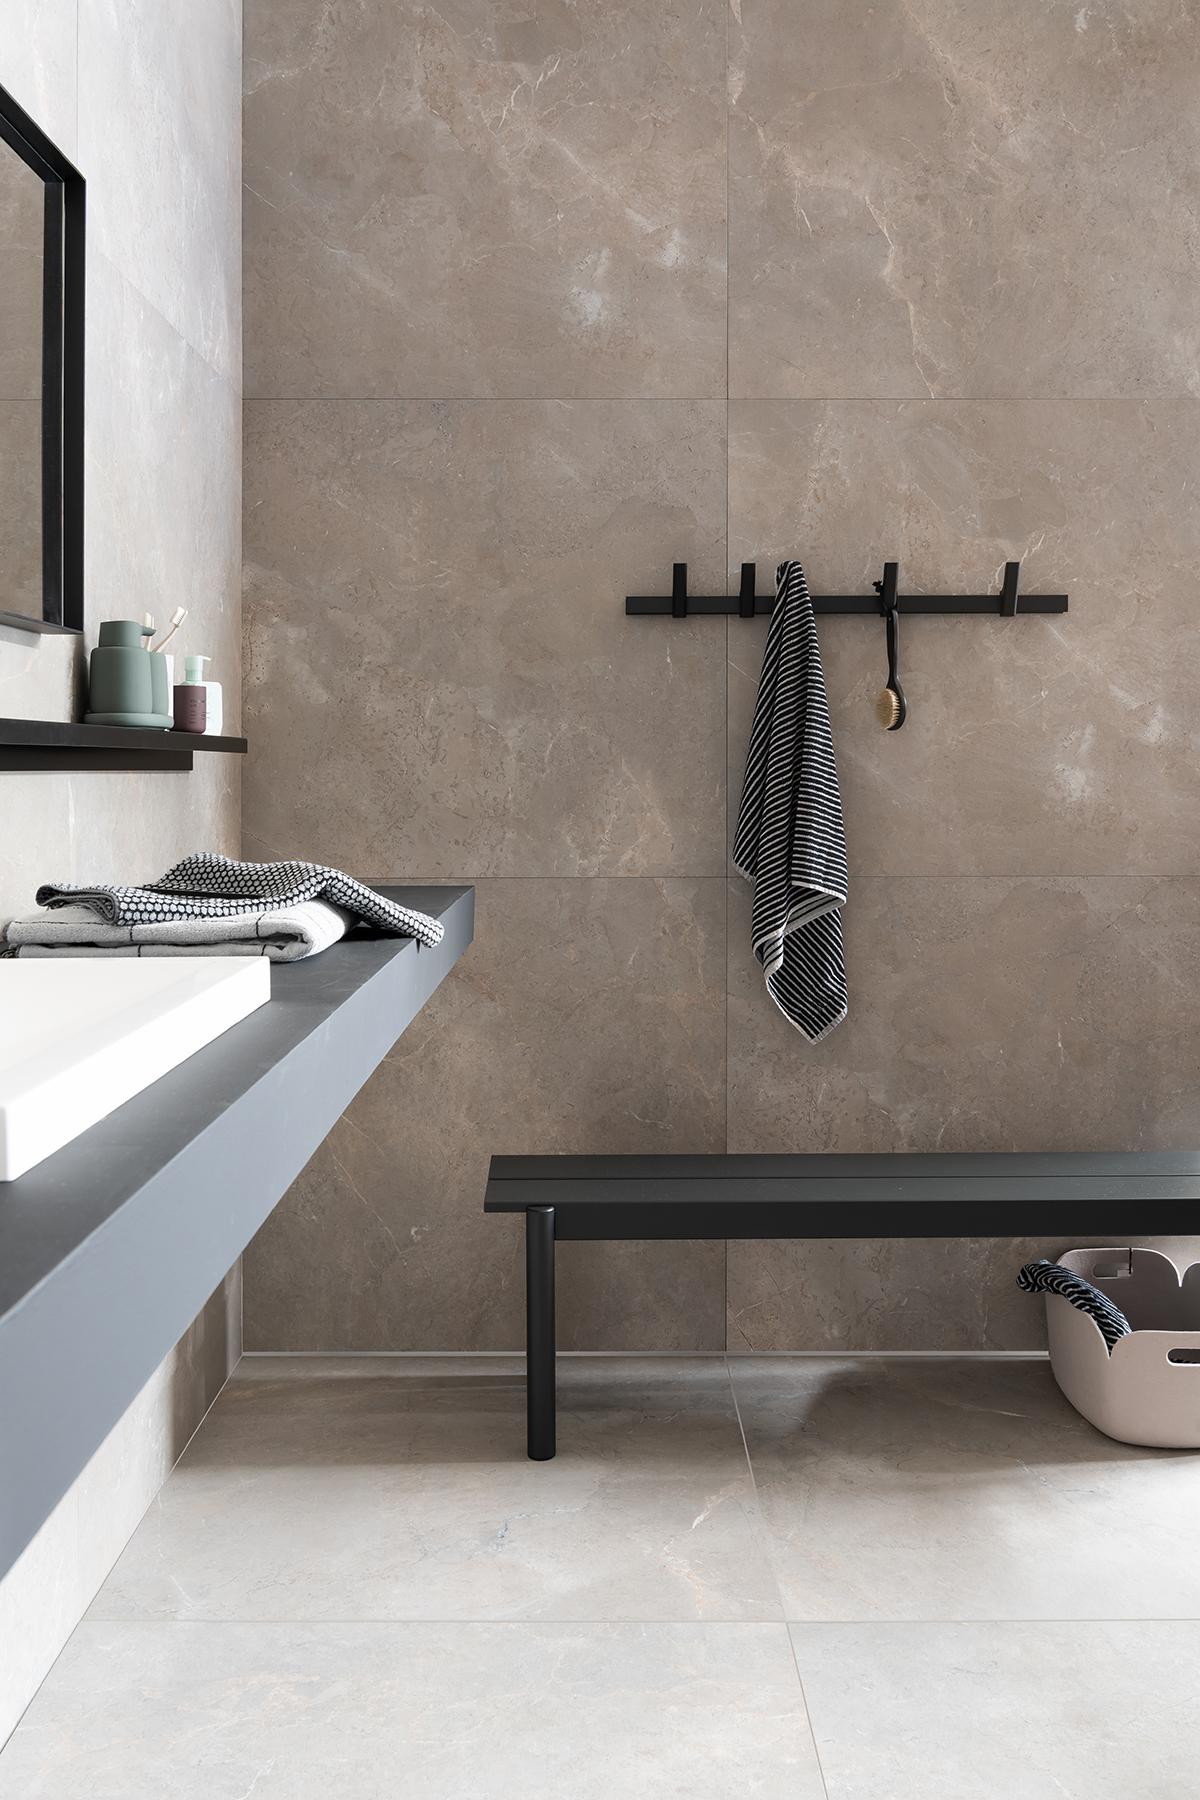 Tegels, Douglas & Jones, kwaliteit, stijlvol interieur, wandbekleding, bijzondere vloeren, Duuzaam